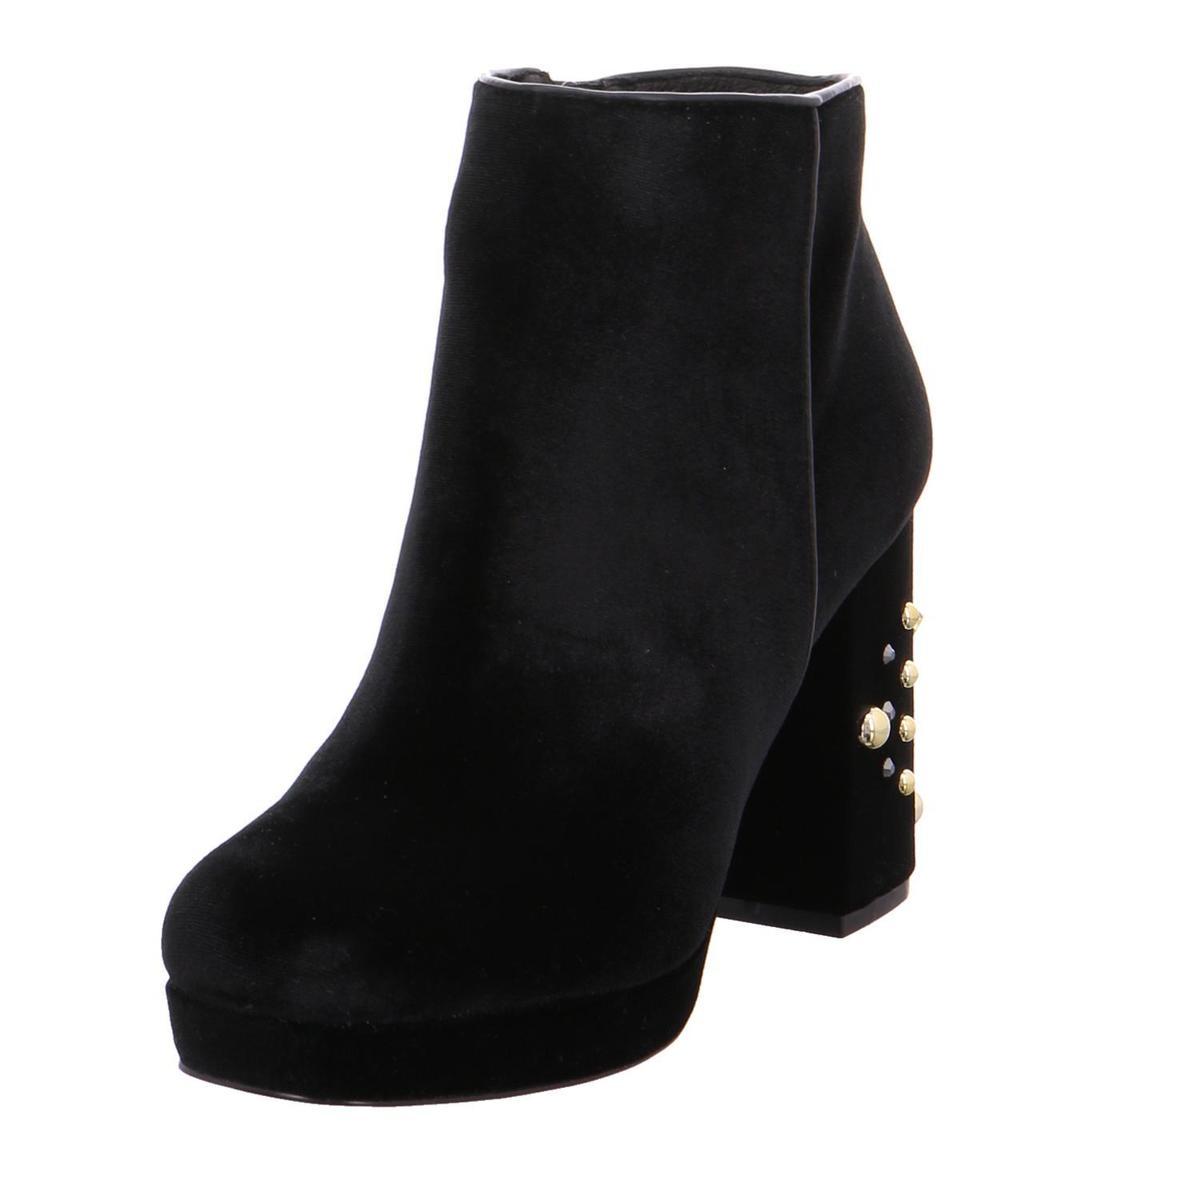 Café Noir - NE928 schwarz - Schuhe Low Boots Damen 95,95 €